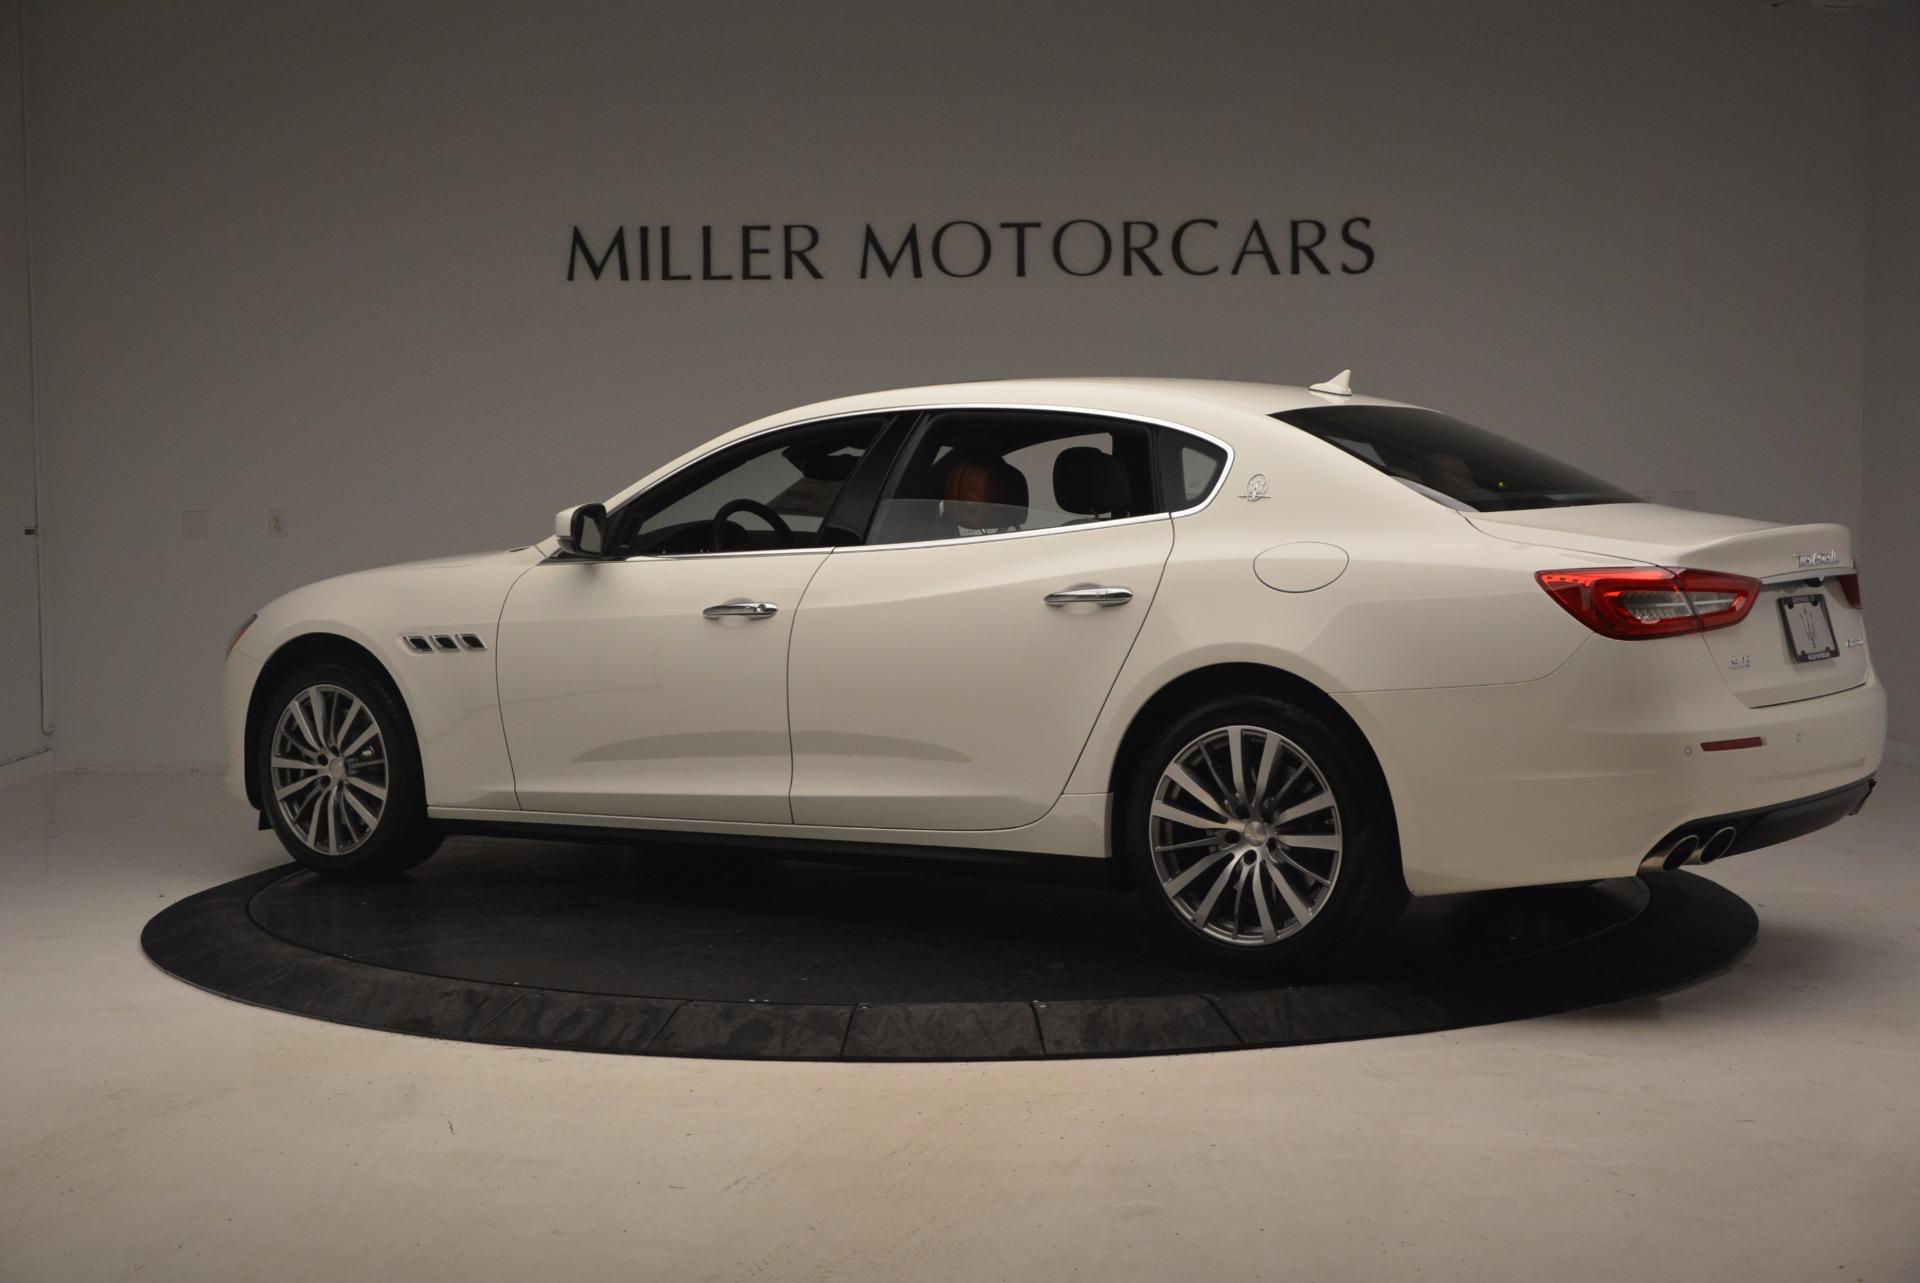 New 2017 Maserati Quattroporte SQ4 For Sale In Greenwich, CT 1065_p4